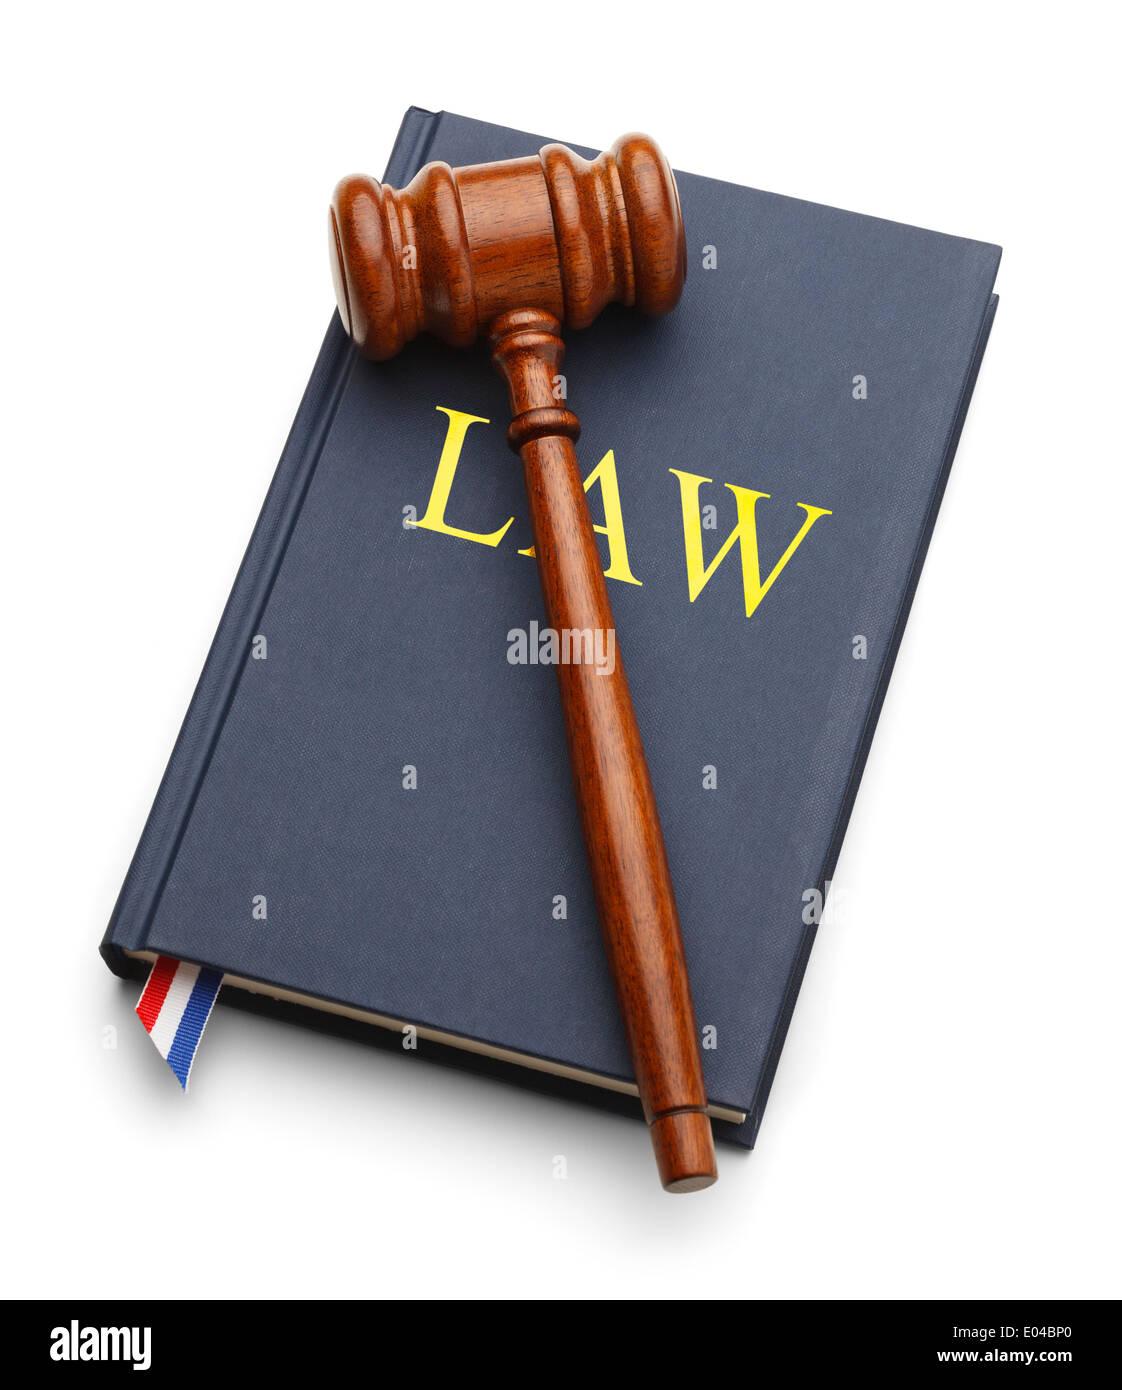 Libro de ley con martillo aislado sobre fondo blanco. Foto de stock